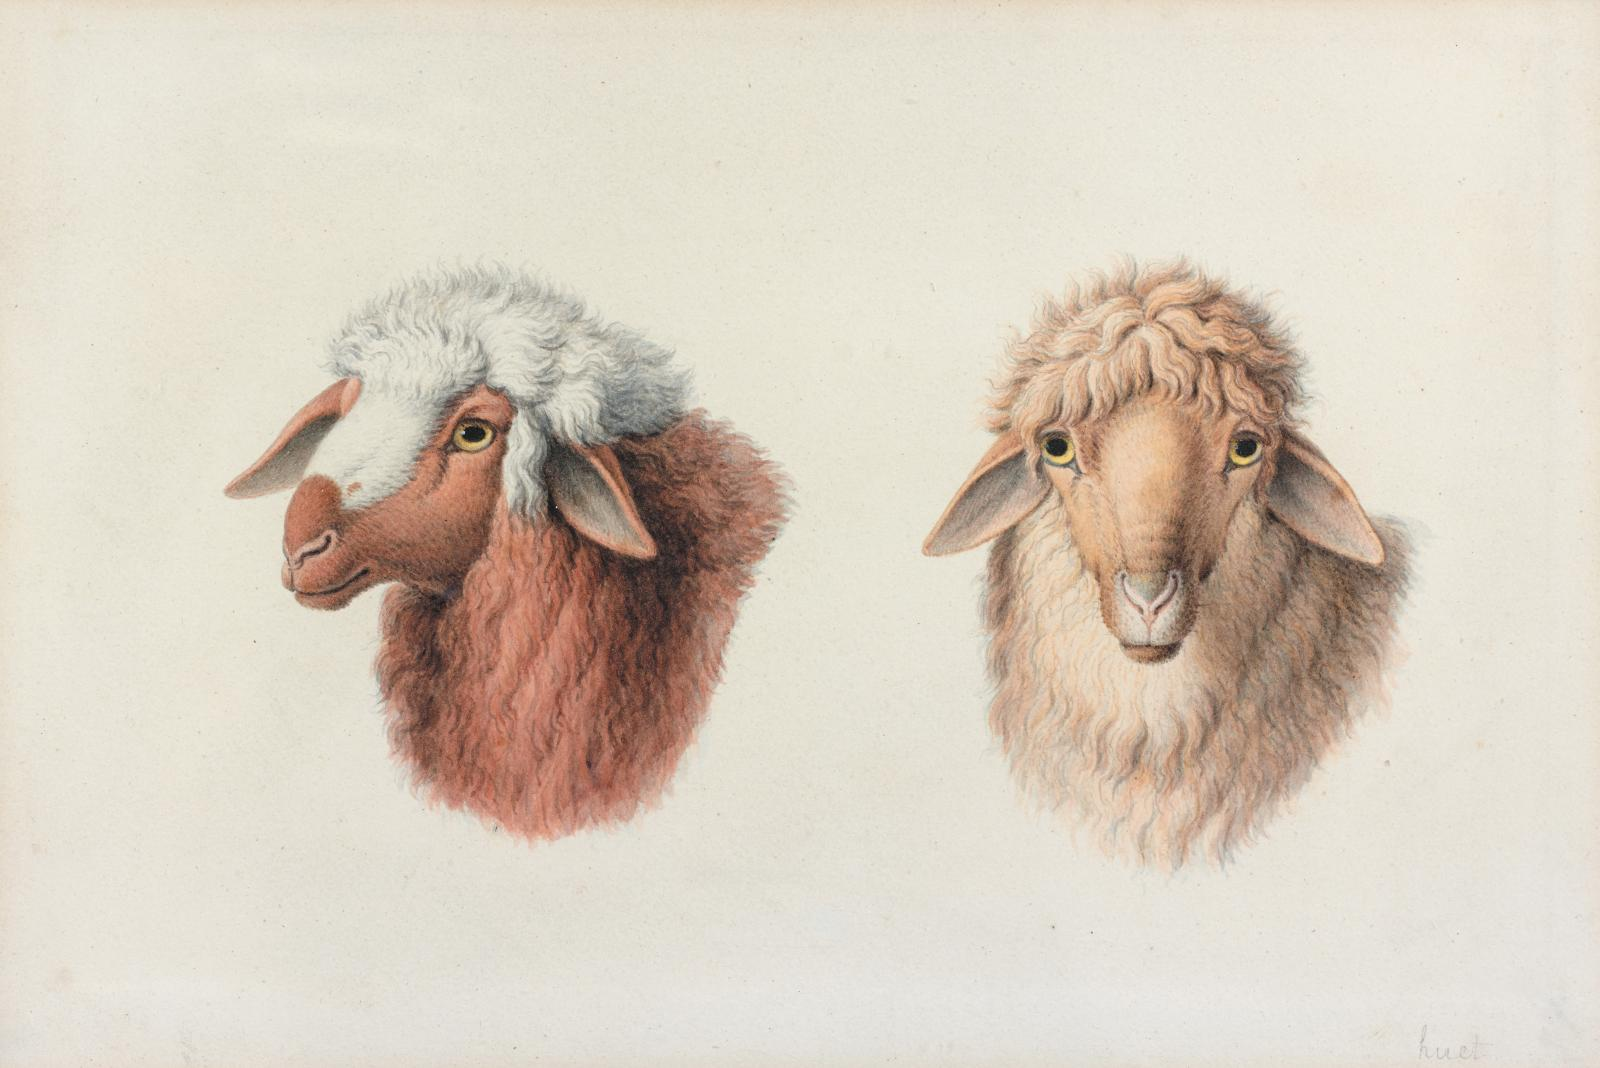 Nicolas Huet (1770-1828), Deux têtes de moutons, pierre noire, crayons de couleur, 16x24cm. Paris, Drouot, 21 mars 2014 Audap & Mirabaud OVV. Cabin